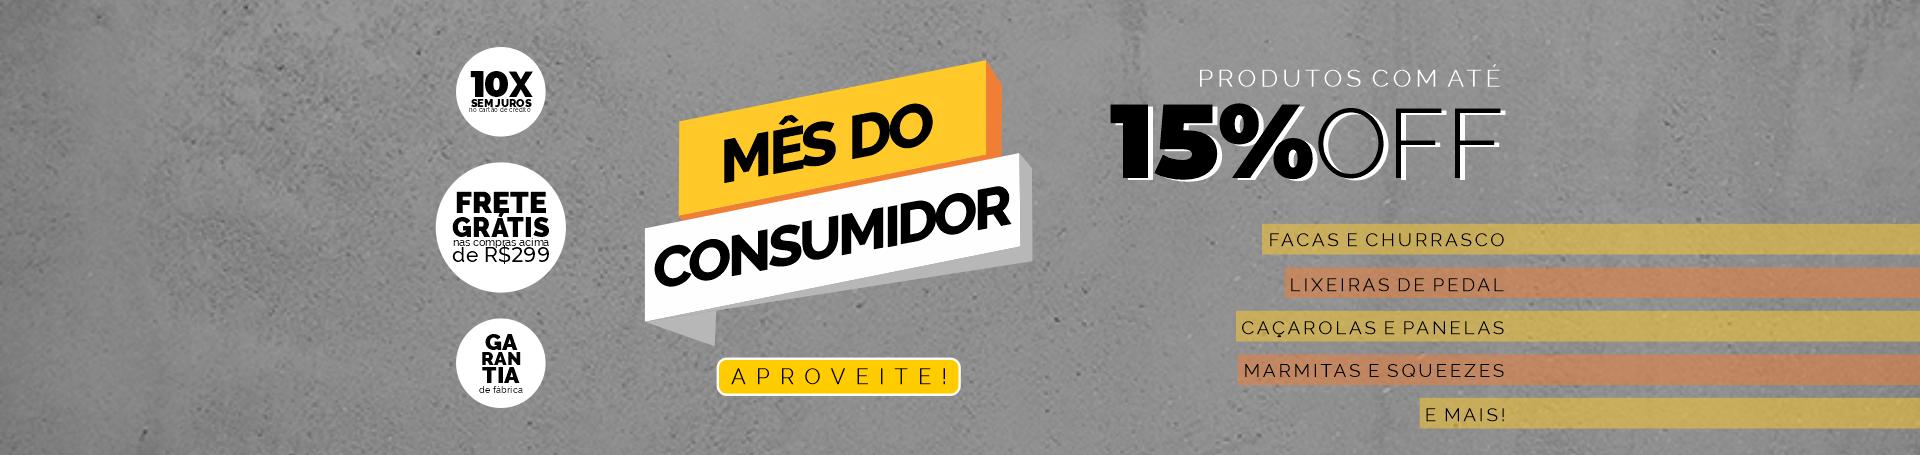 15offmesconsumidor_HOME_DESK_marco